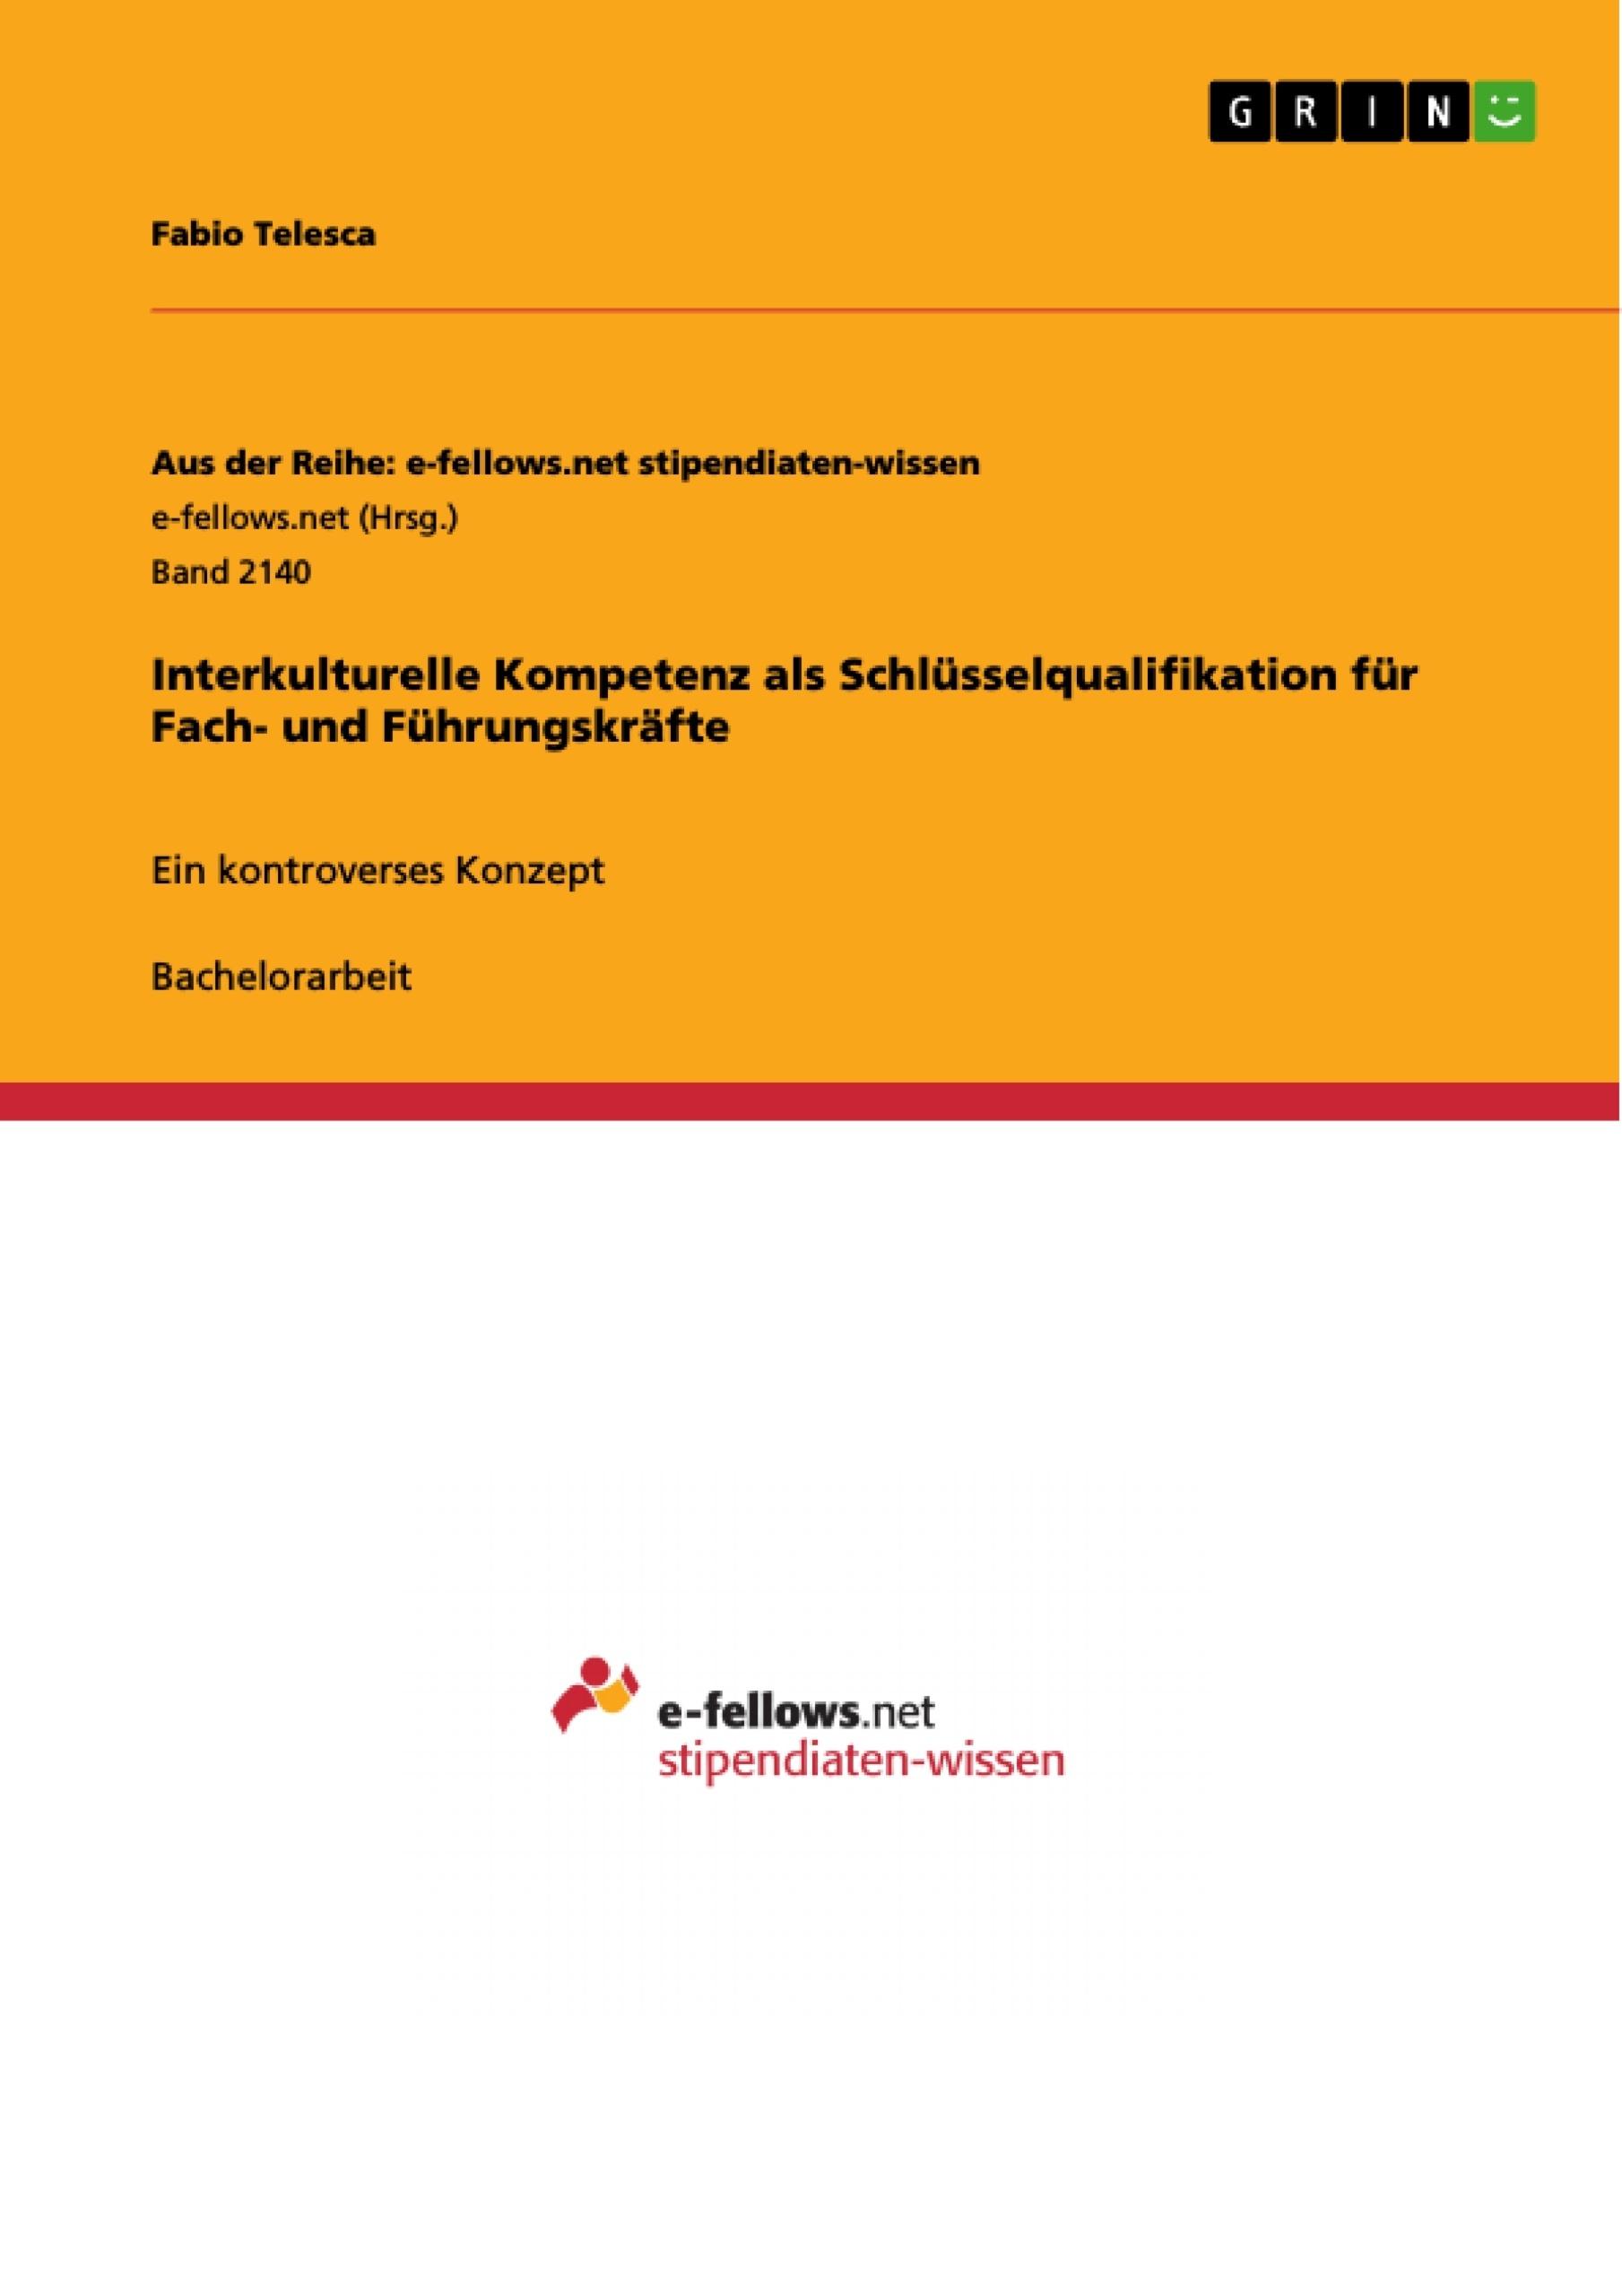 Titel: Interkulturelle Kompetenz als Schlüsselqualifikation für Fach- und Führungskräfte